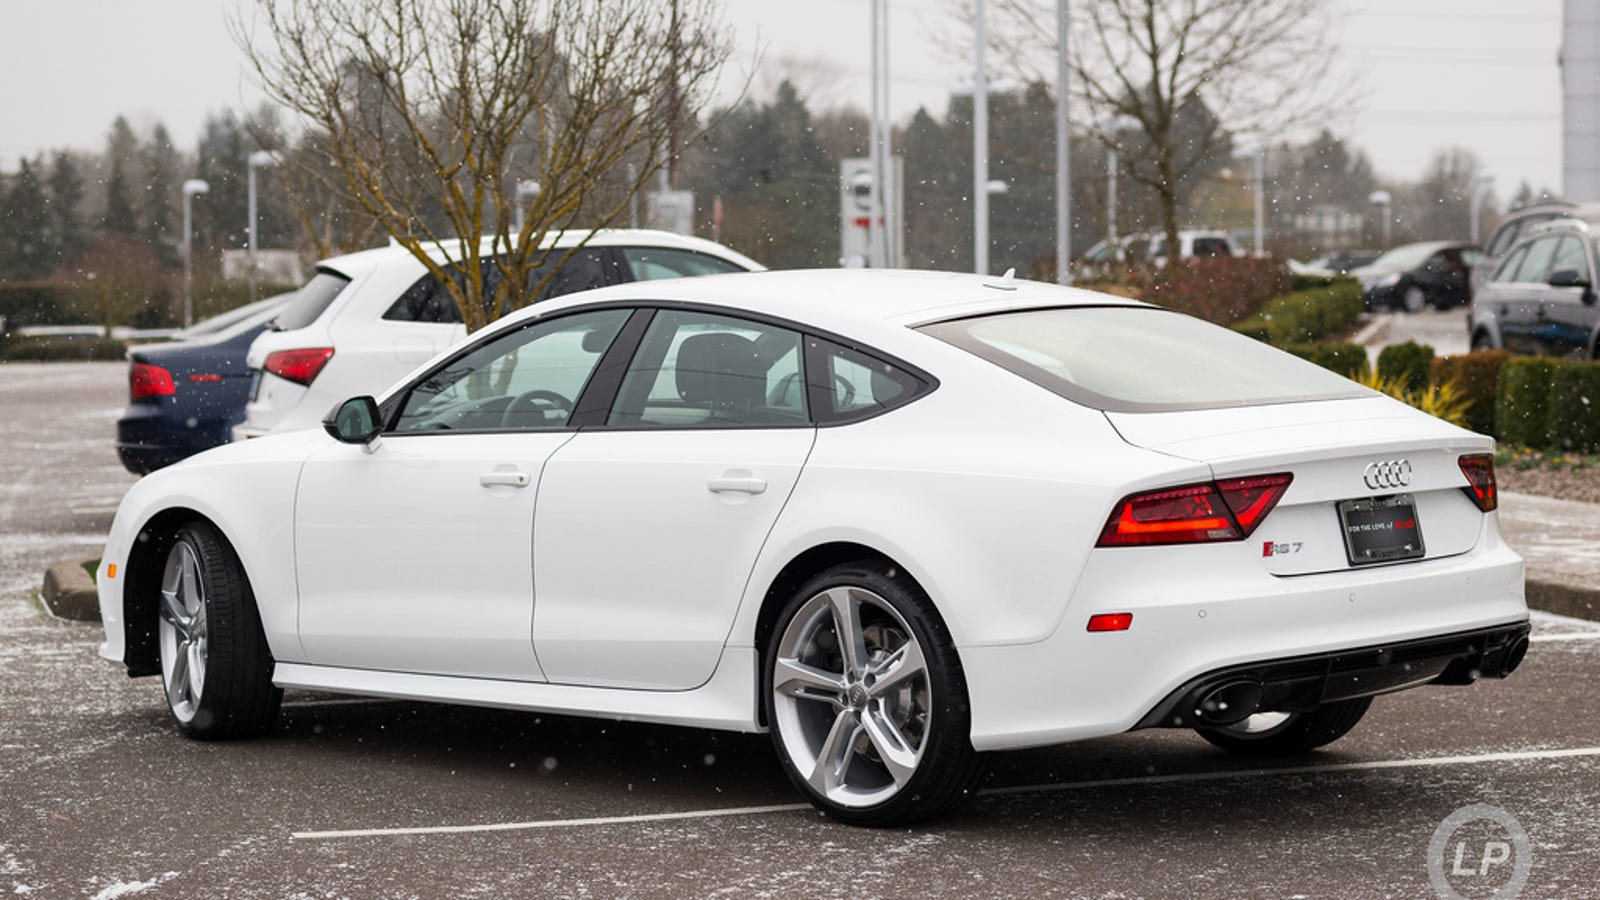 In Photos Ibis White Audi Rs 7